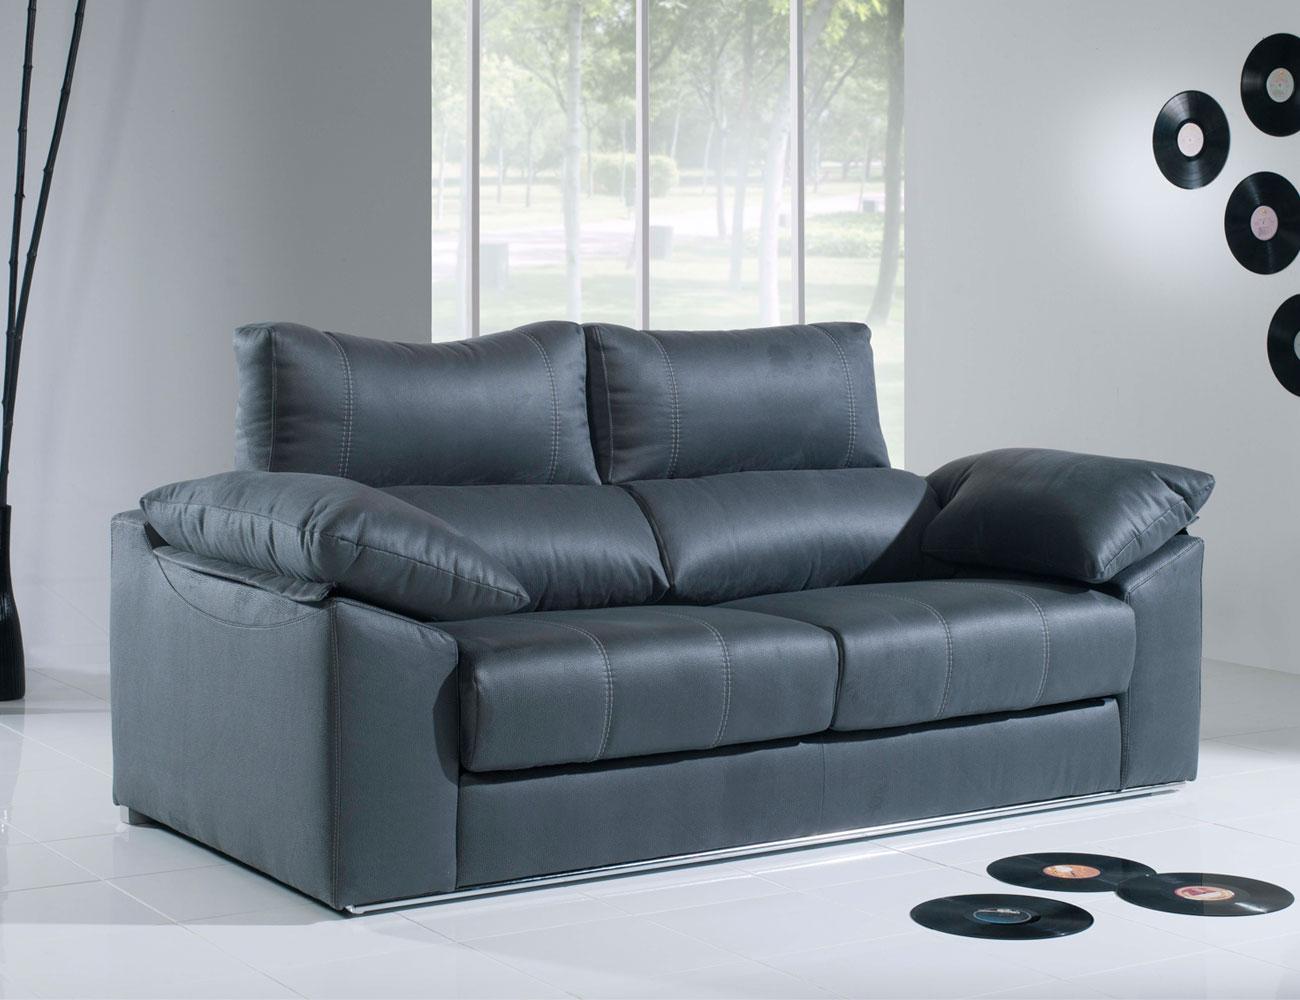 Sofa 3 plazas moderno con barra34